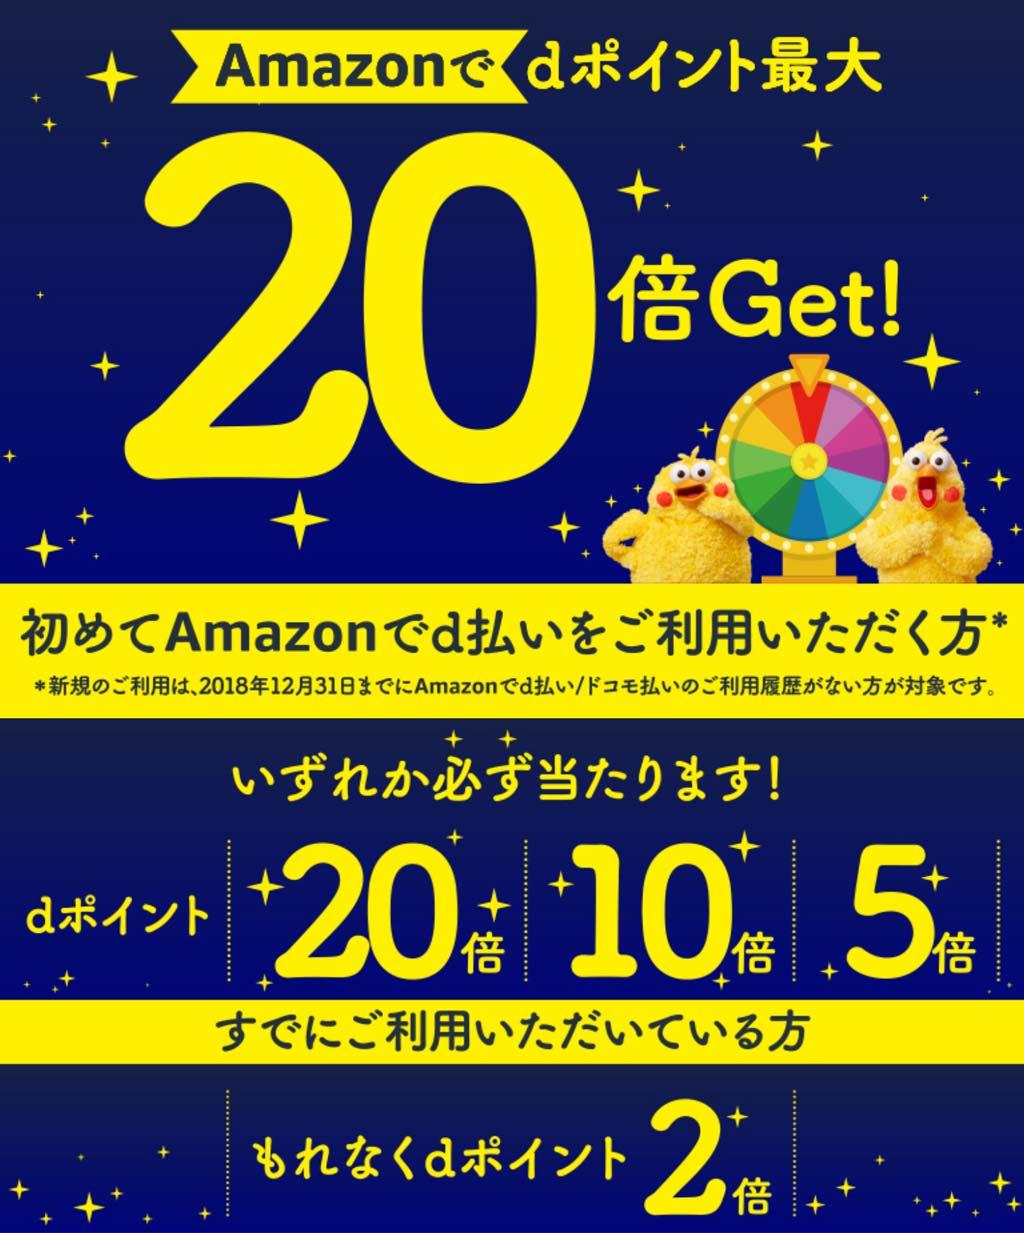 Amazonでdポイント最大20倍Get!